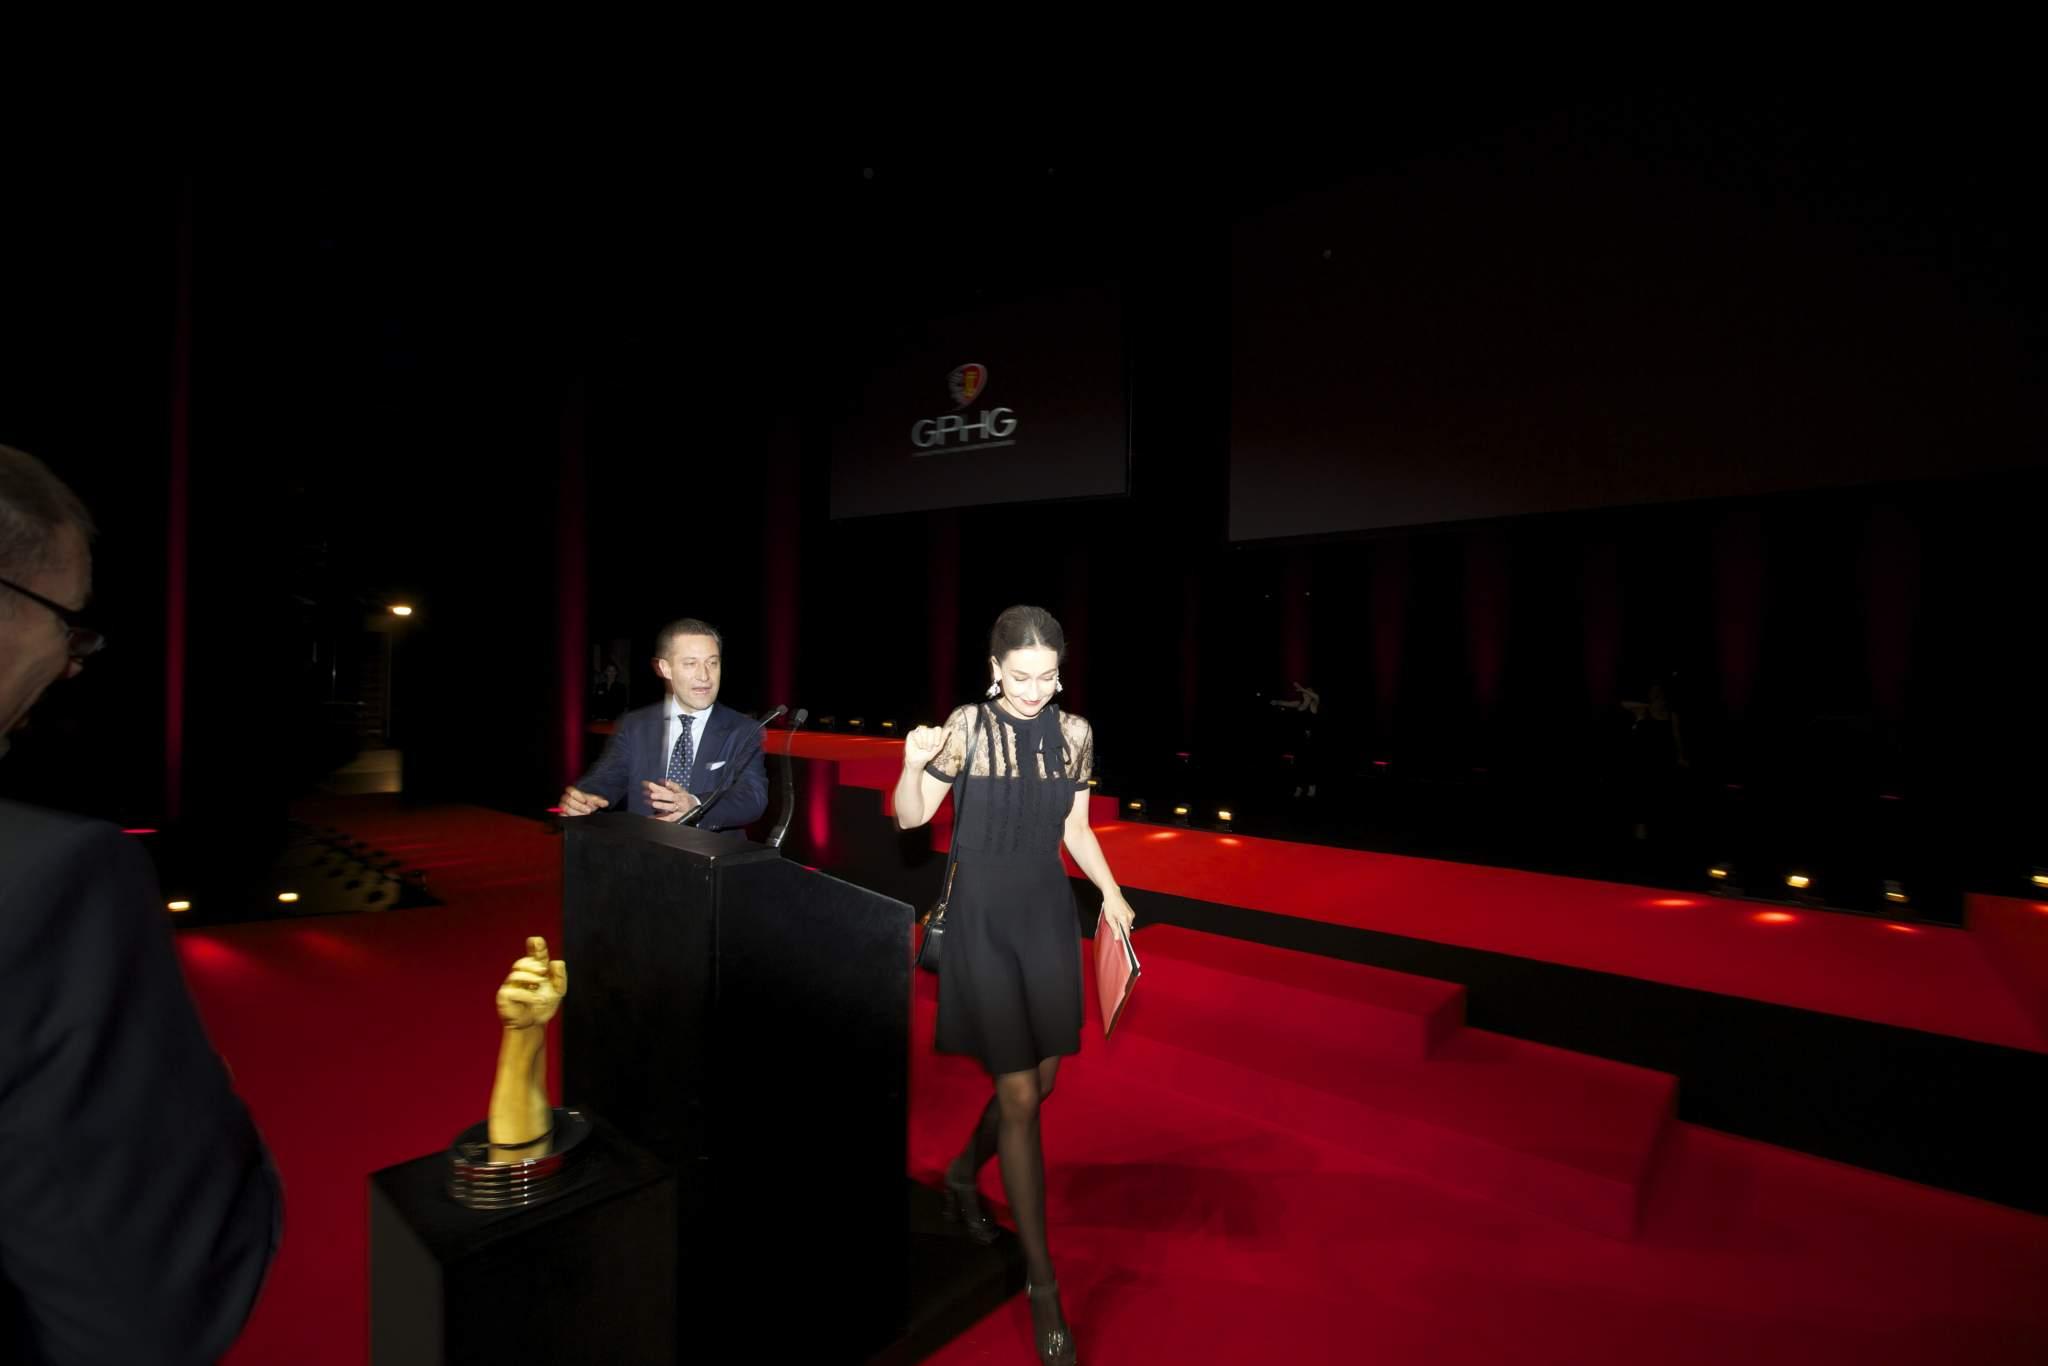 Aurel Bacs (Président du jury du GPHG) et Carine Maillard (Directrice de la Fondation du GPHG)